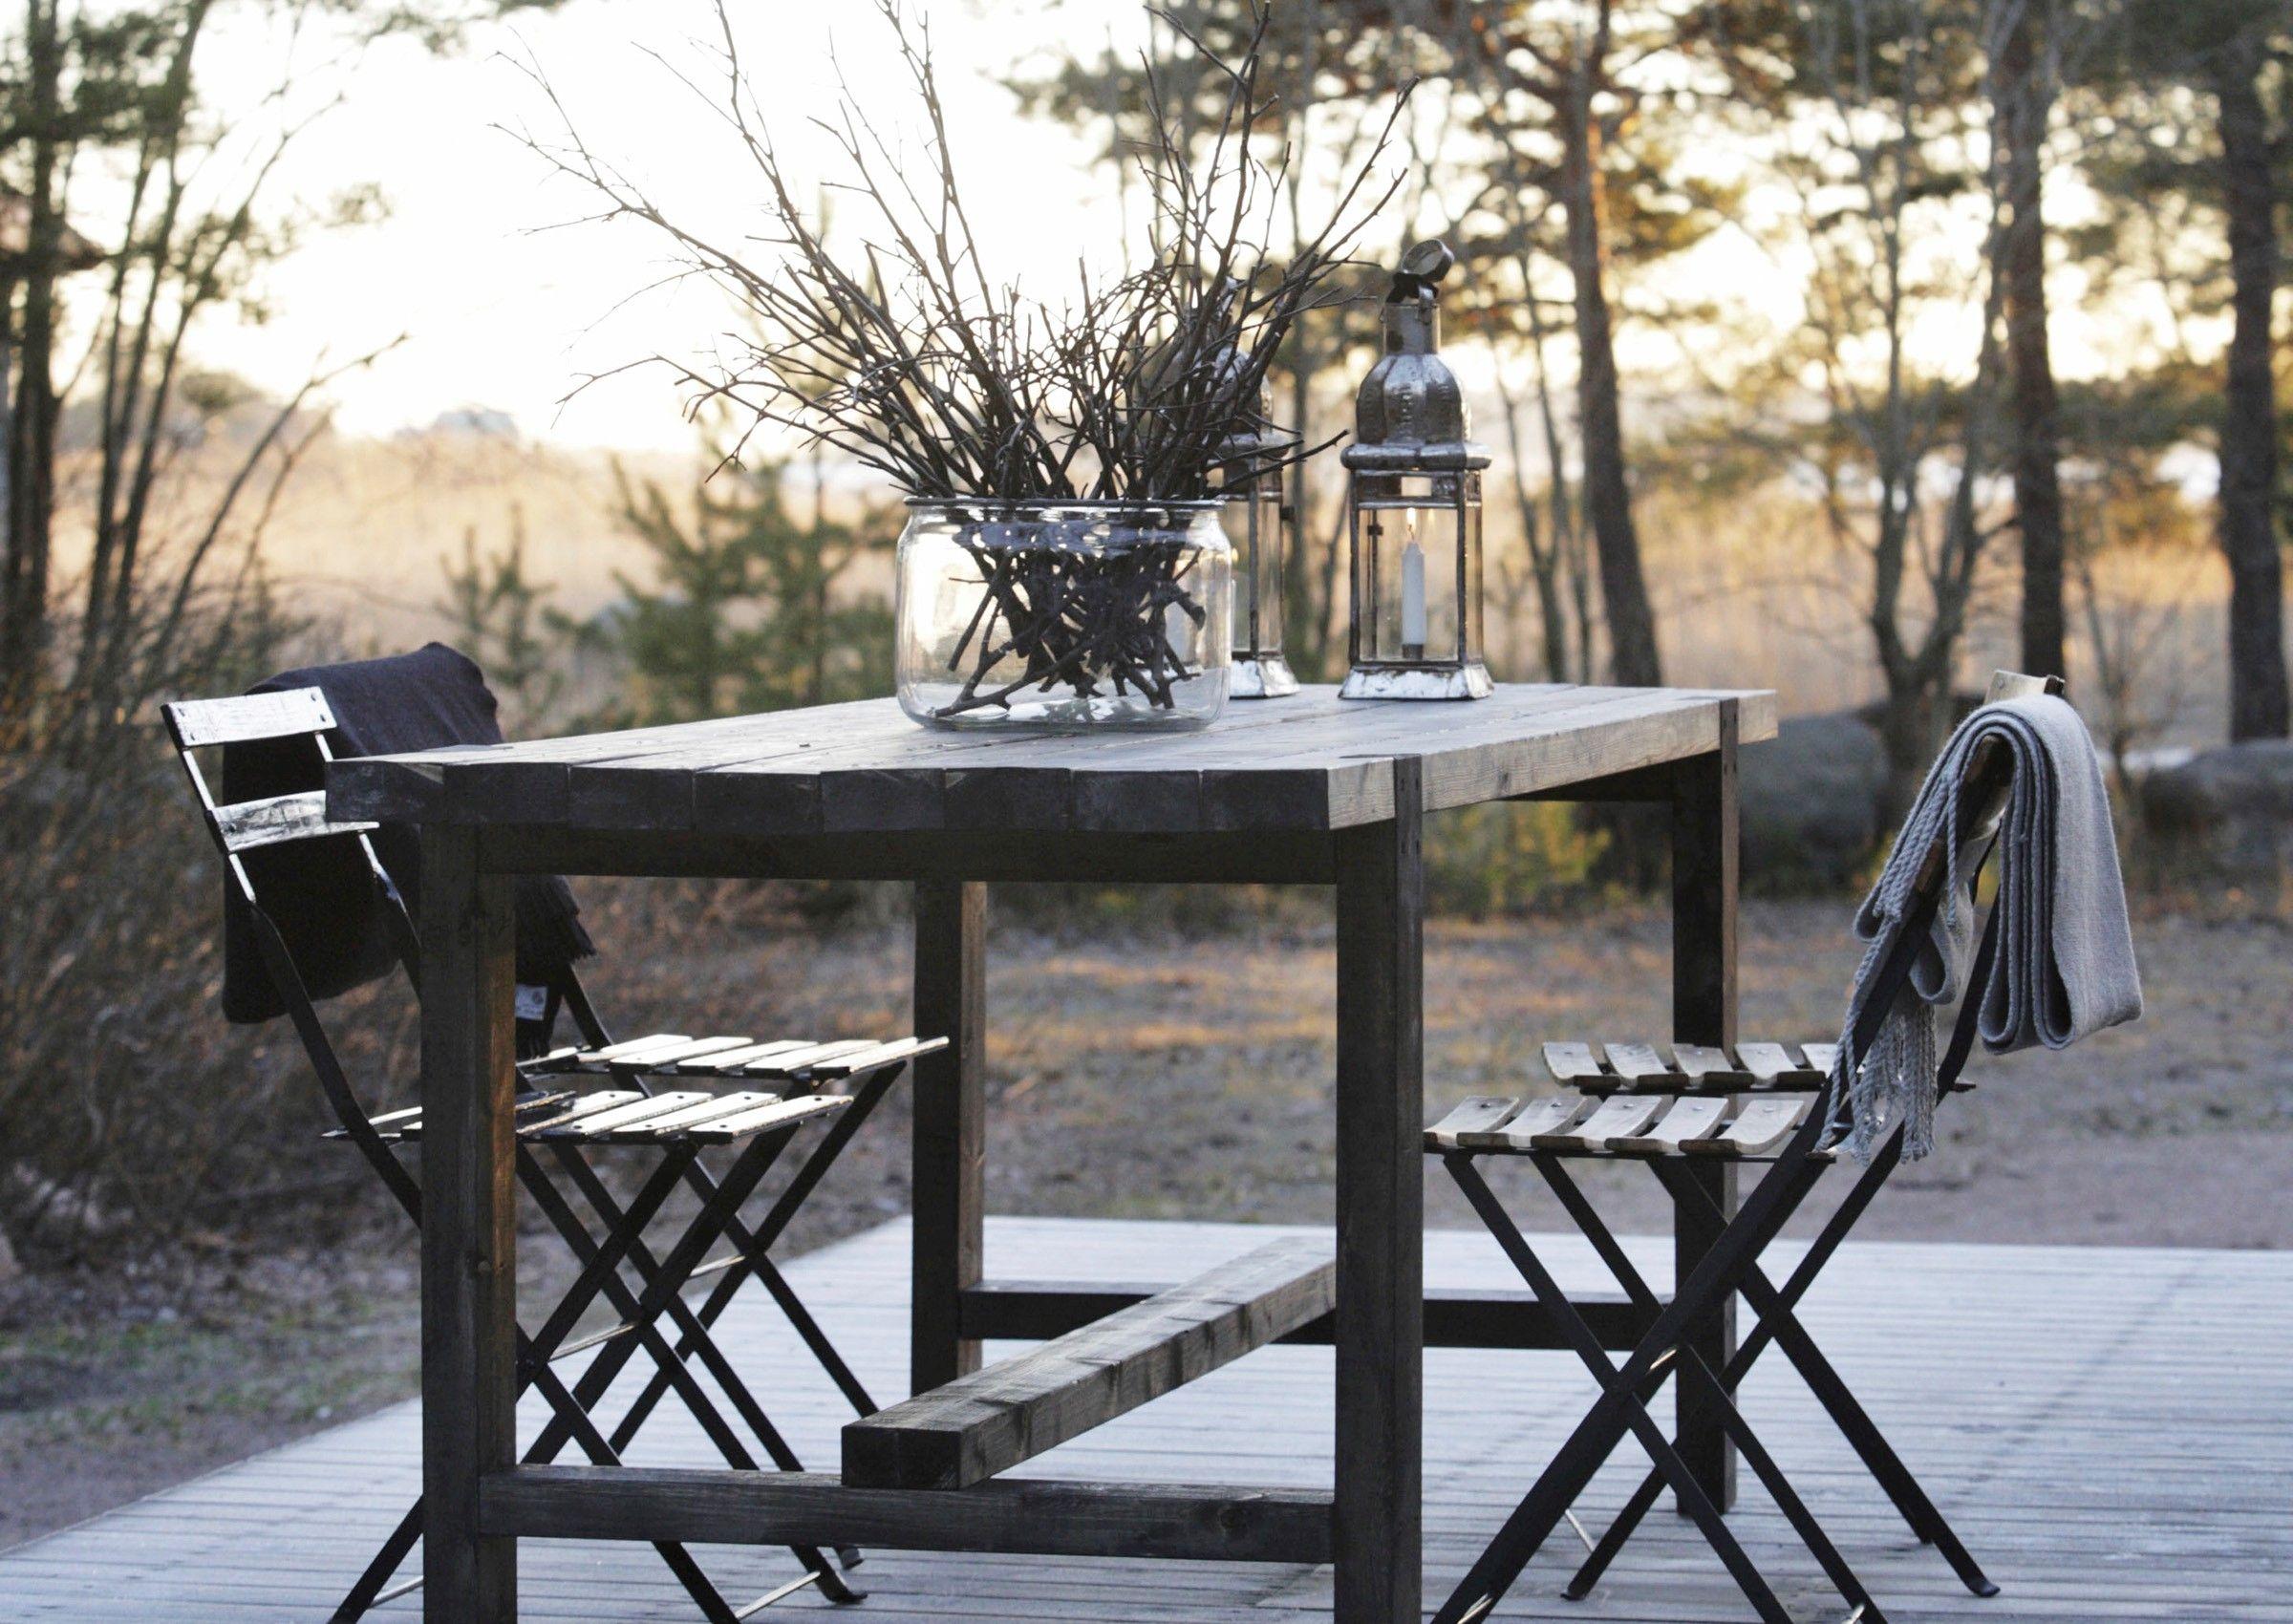 Lankuista nikkaroitu terassipöytä voi olla ulkona ympäri vuoden. Katso Meidän Mökin ohjeet ja tee itse tukeva pöytä!